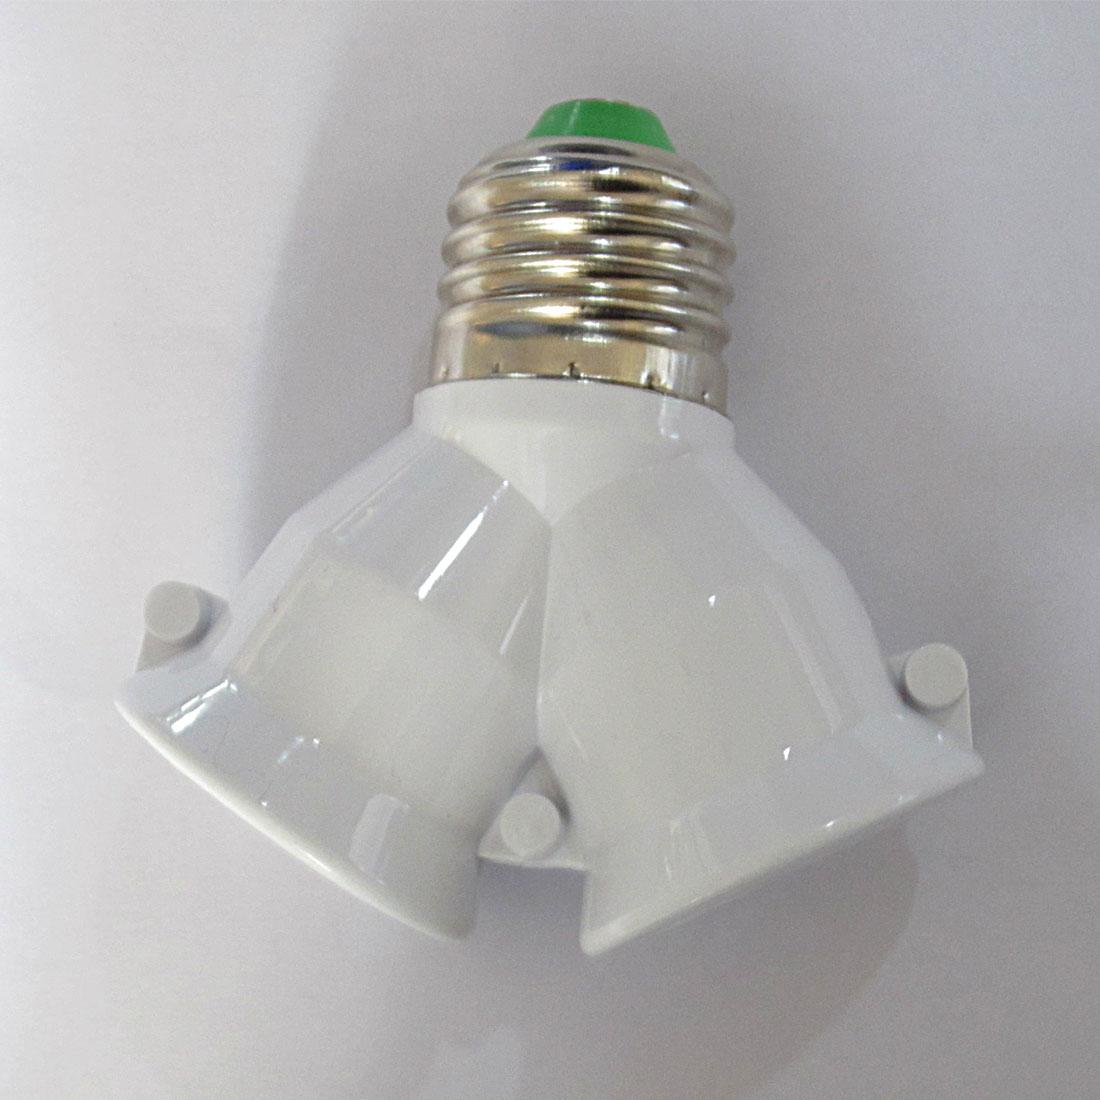 Bulb Base Adapter 1PC E27 To Double E27 Socket Base Extender Splitter Plug Light Lamp Bulb Holder